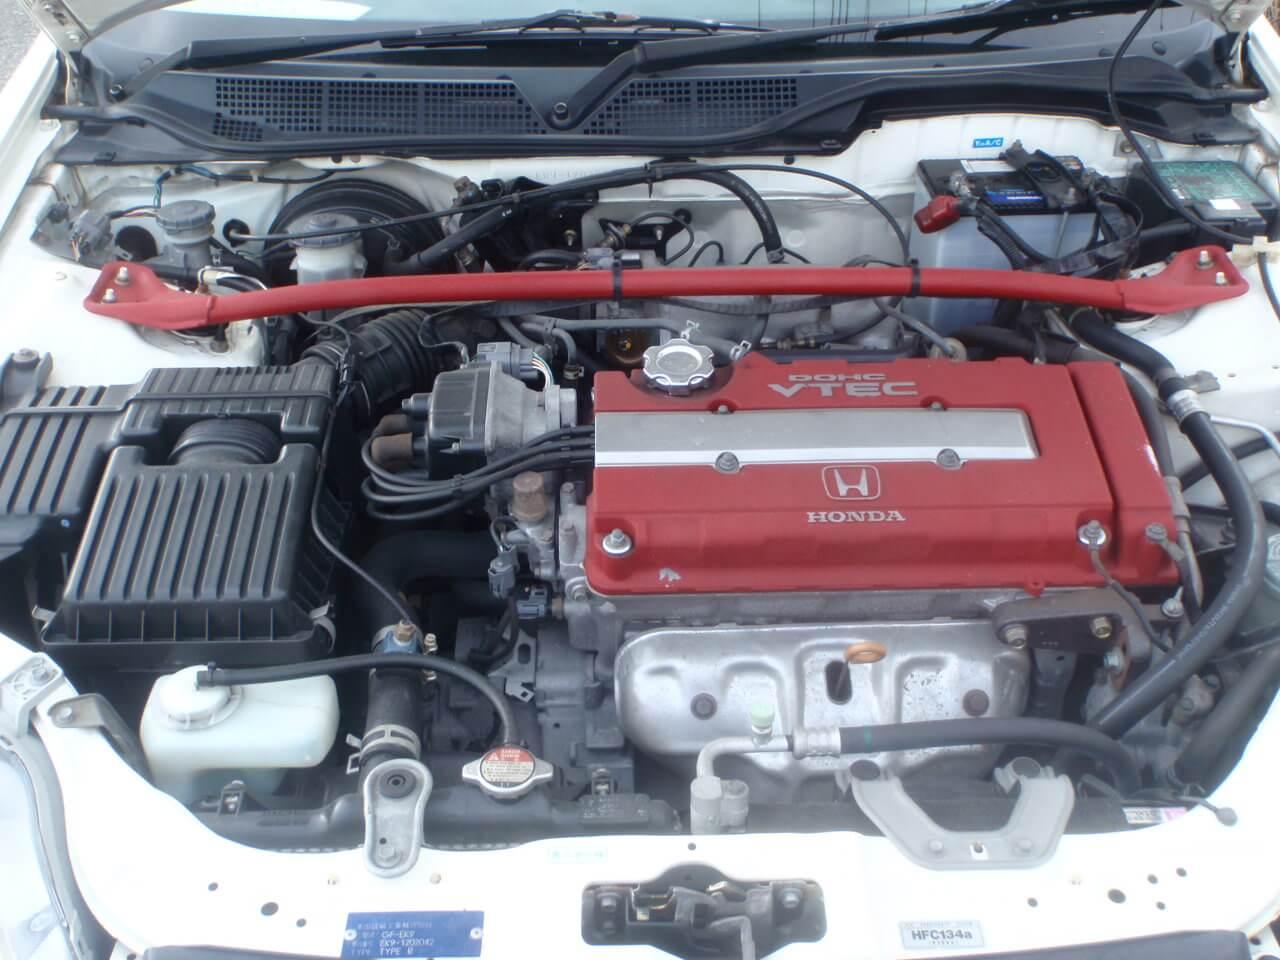 Honda Civic EK9 Motor B16a